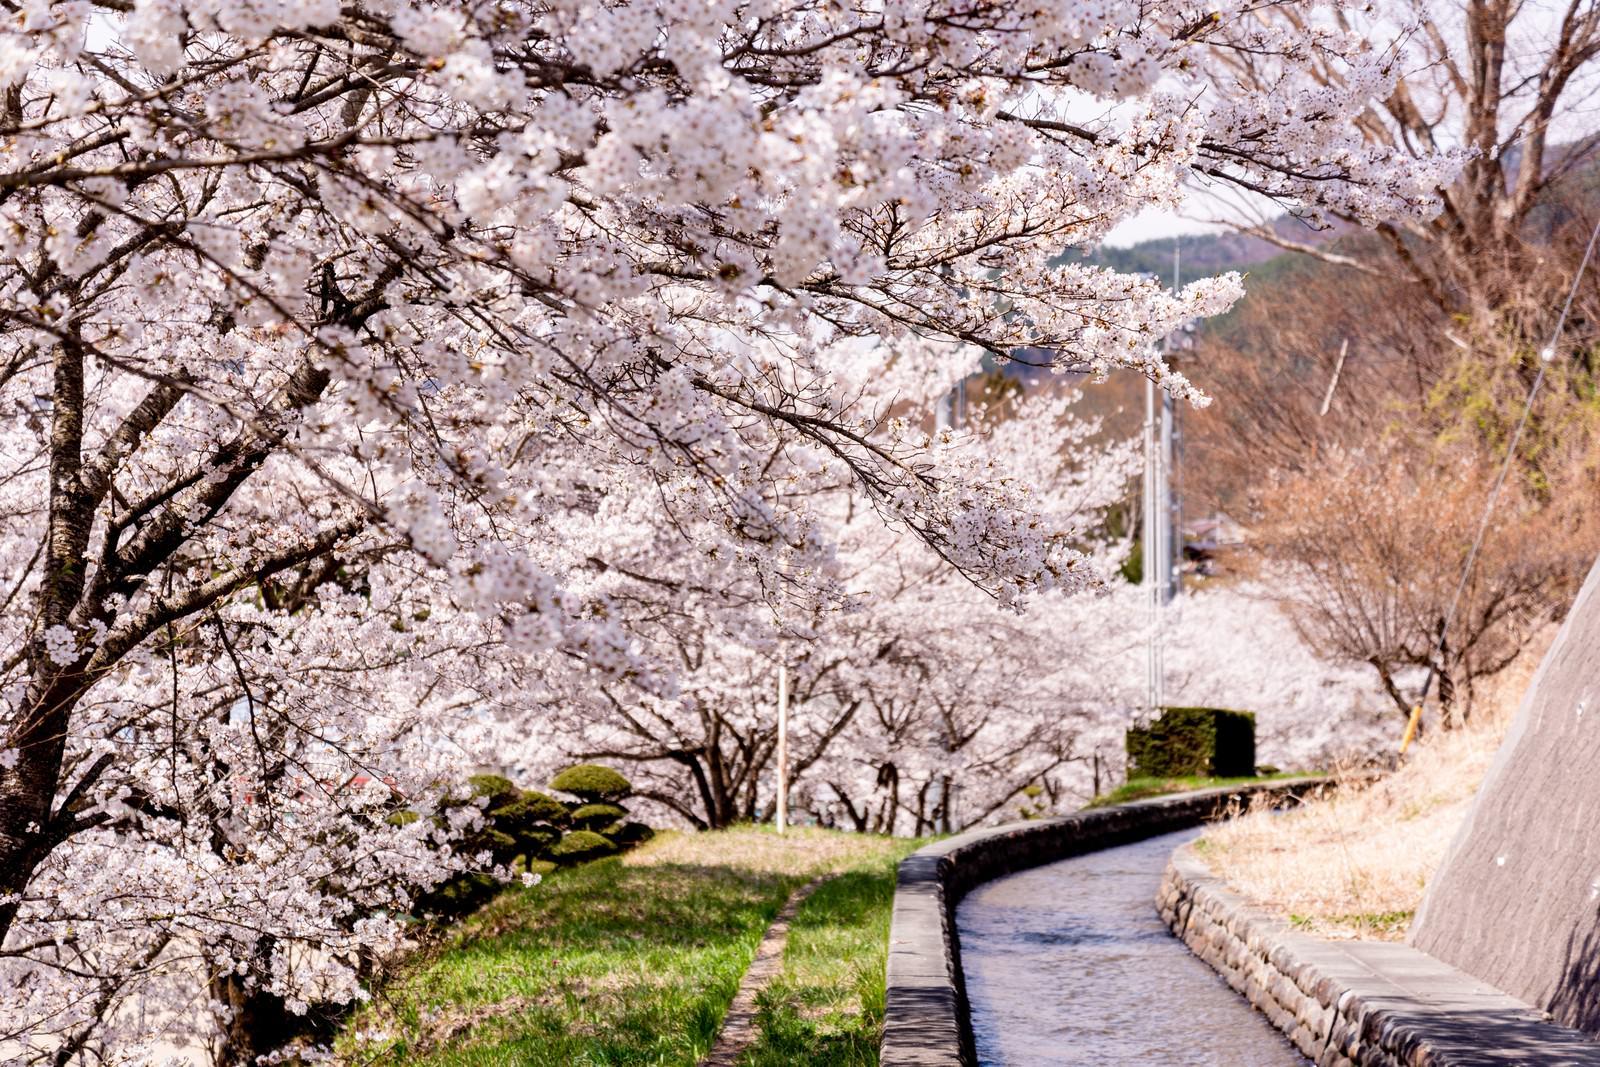 「武石グラウンドの歩道沿いに咲く桜並木」の写真